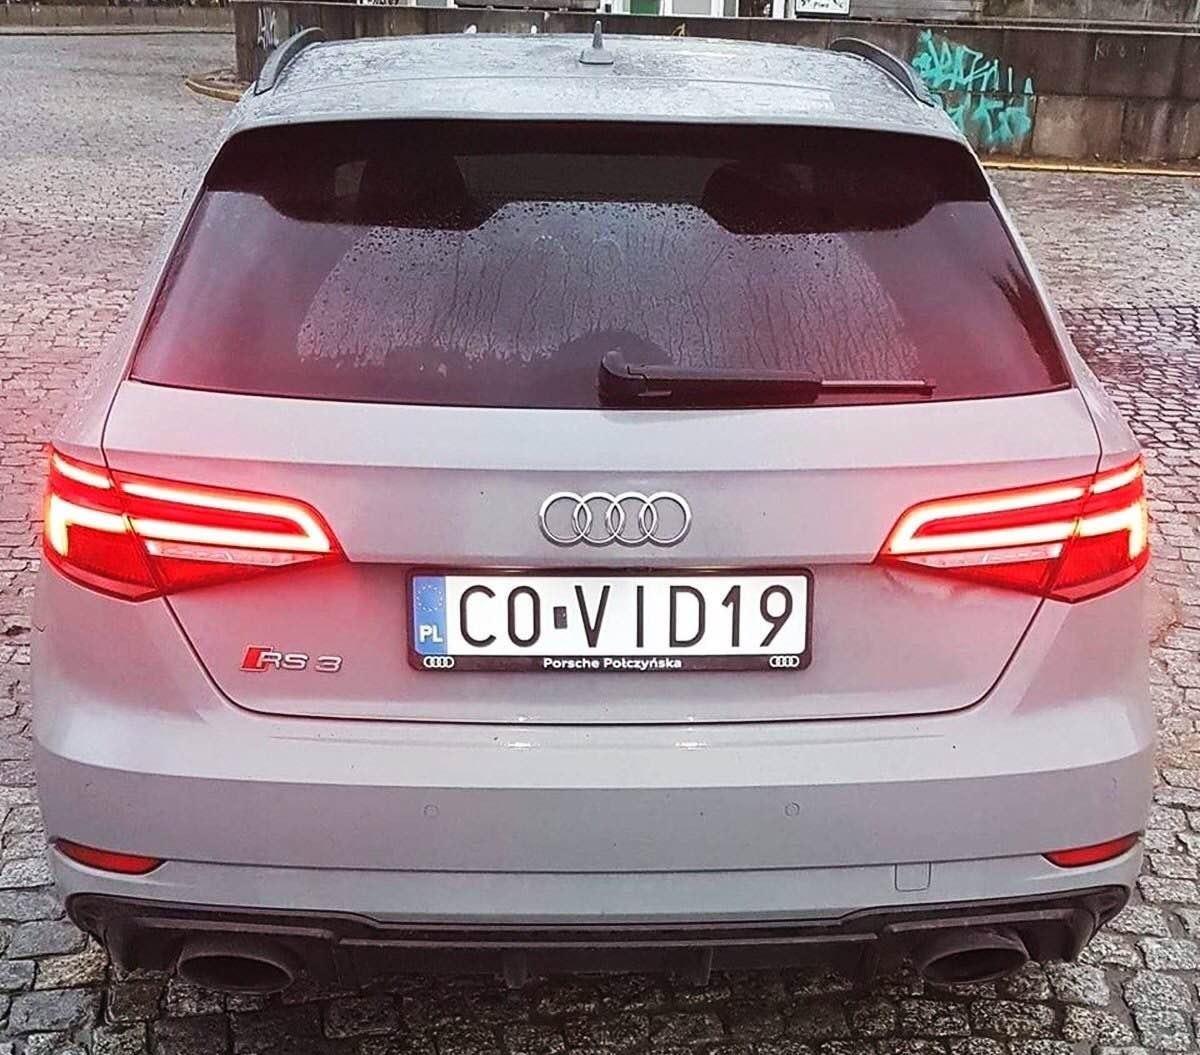 Новость одной картинкой: первый авто на «коронавирусных» номерах